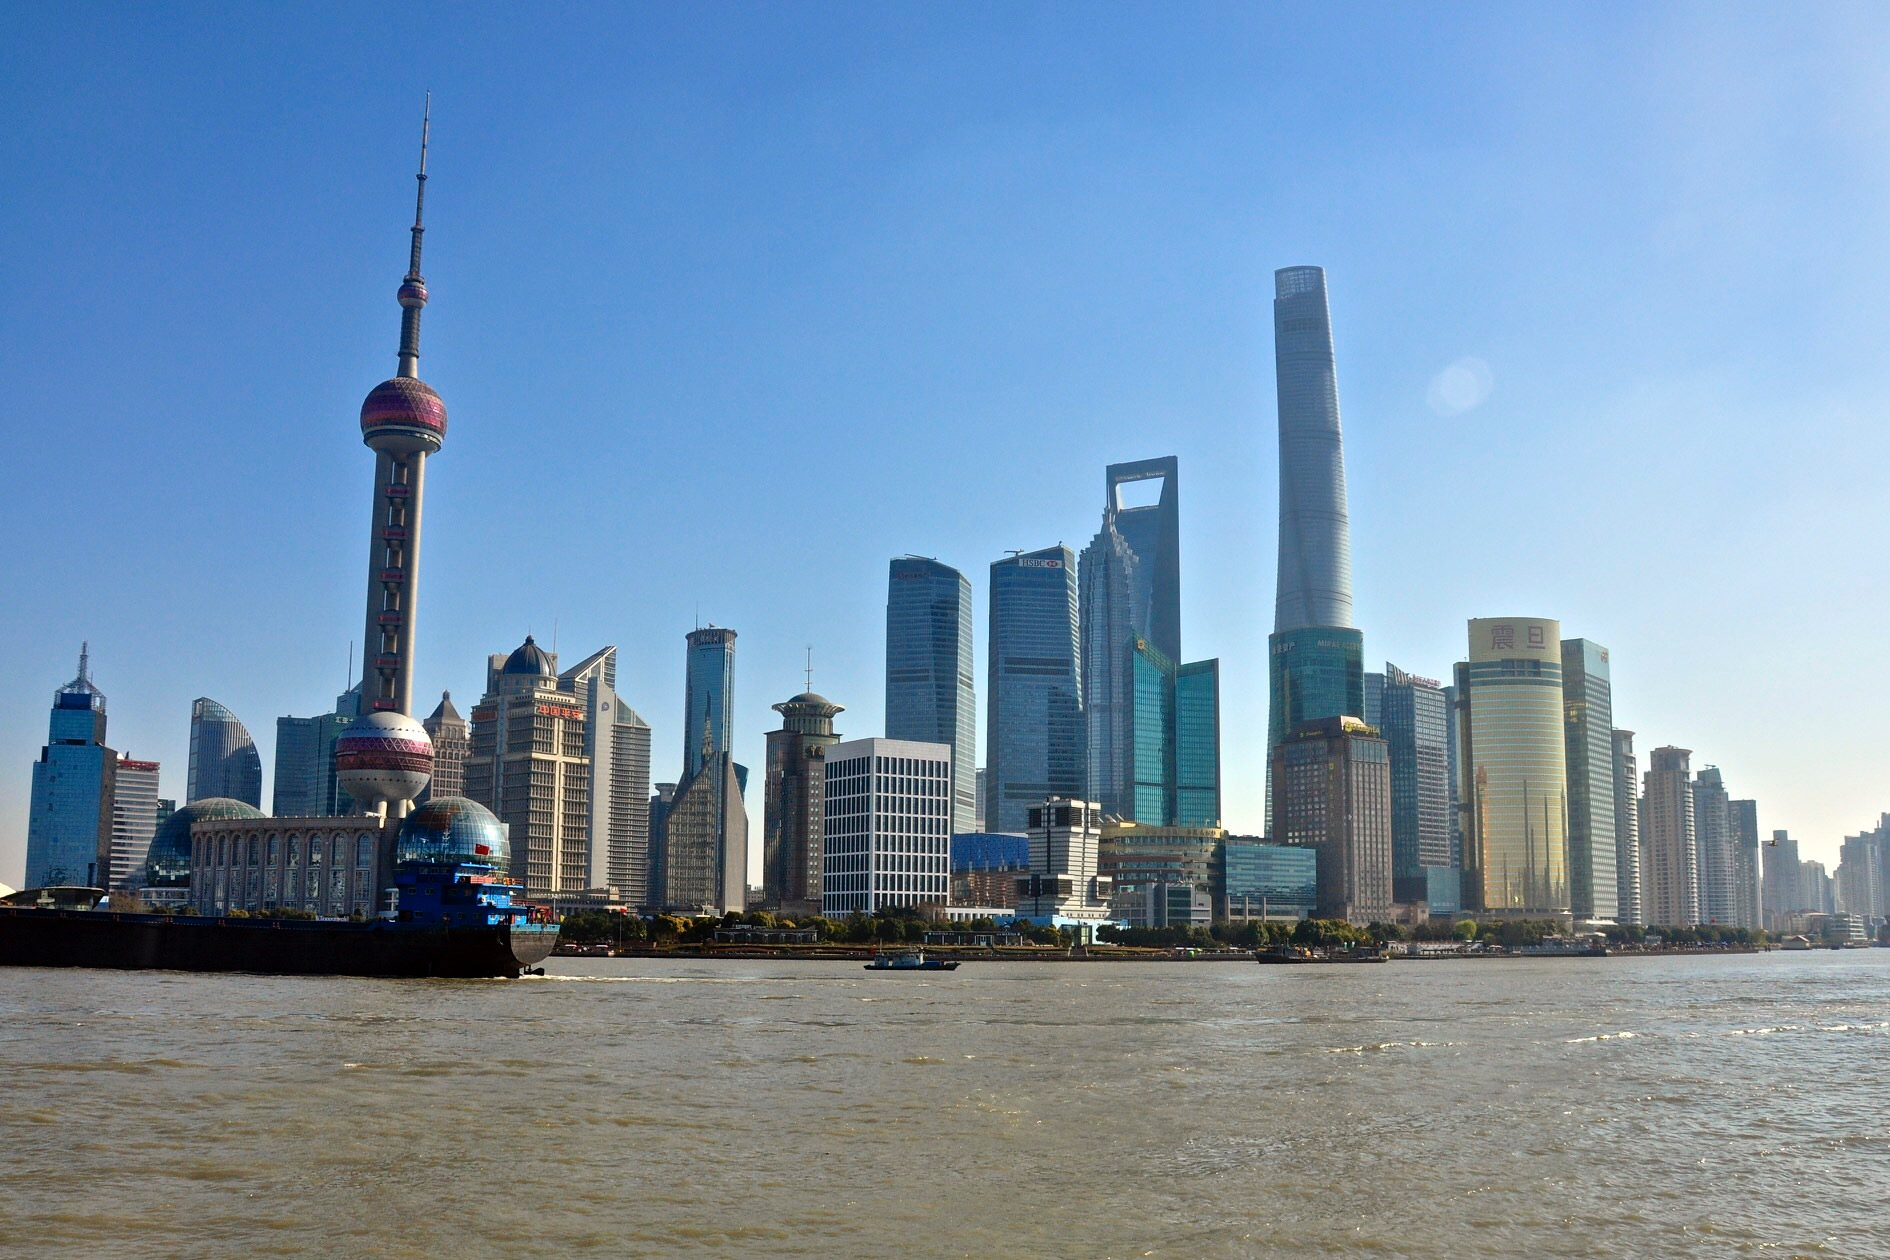 จุดชมวิว ย่านผู่ตง เซี่ยงไฮ้ ขอบฟ้าใหม่ของเซี่ยงไฮ้ 2016 จากหอไข่มุกซ้ายสุด ไปถึง 3 ตึกขวาสุดคือ ตึกจินเม่าทาวเวอร์ (Jinmao Tower หรือ Jinmao88)ตึกที่เปิดขวด (Shanghai World Financial Center เรียกย่อๆ ว่า SWFC) และเซี่ยงไฮ้ทาวเวอร์  (Shanghai Tower)